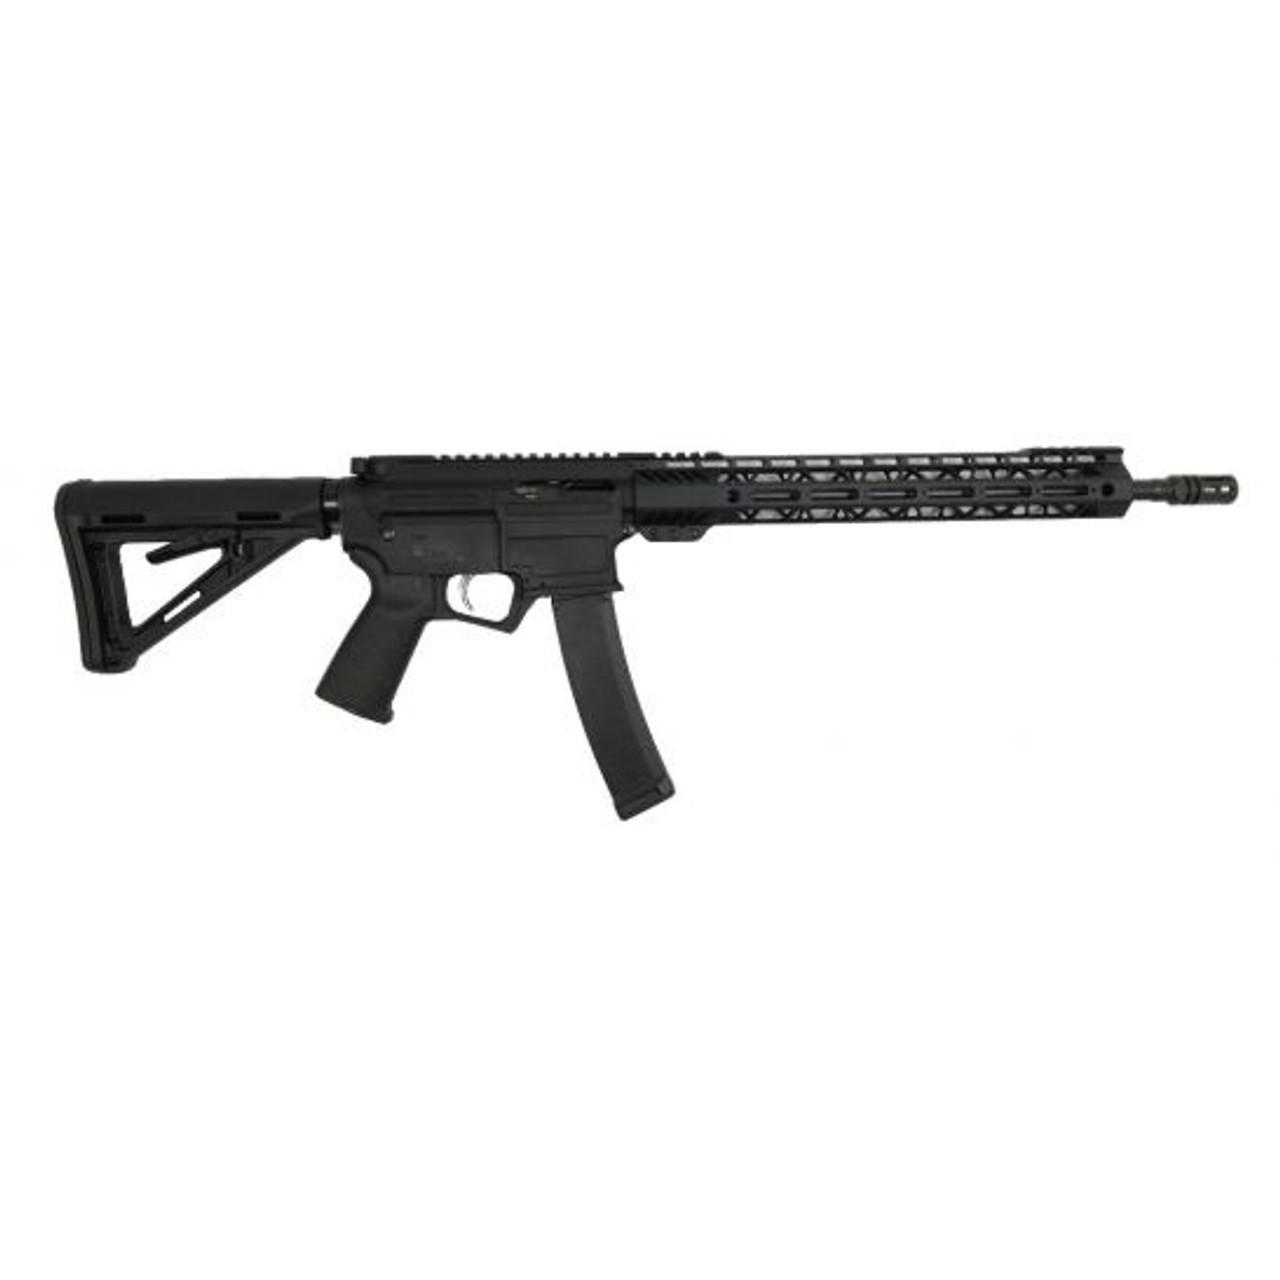 Palmetto AR-V Gen2 CALIFORNIA LEGAL - 9mm